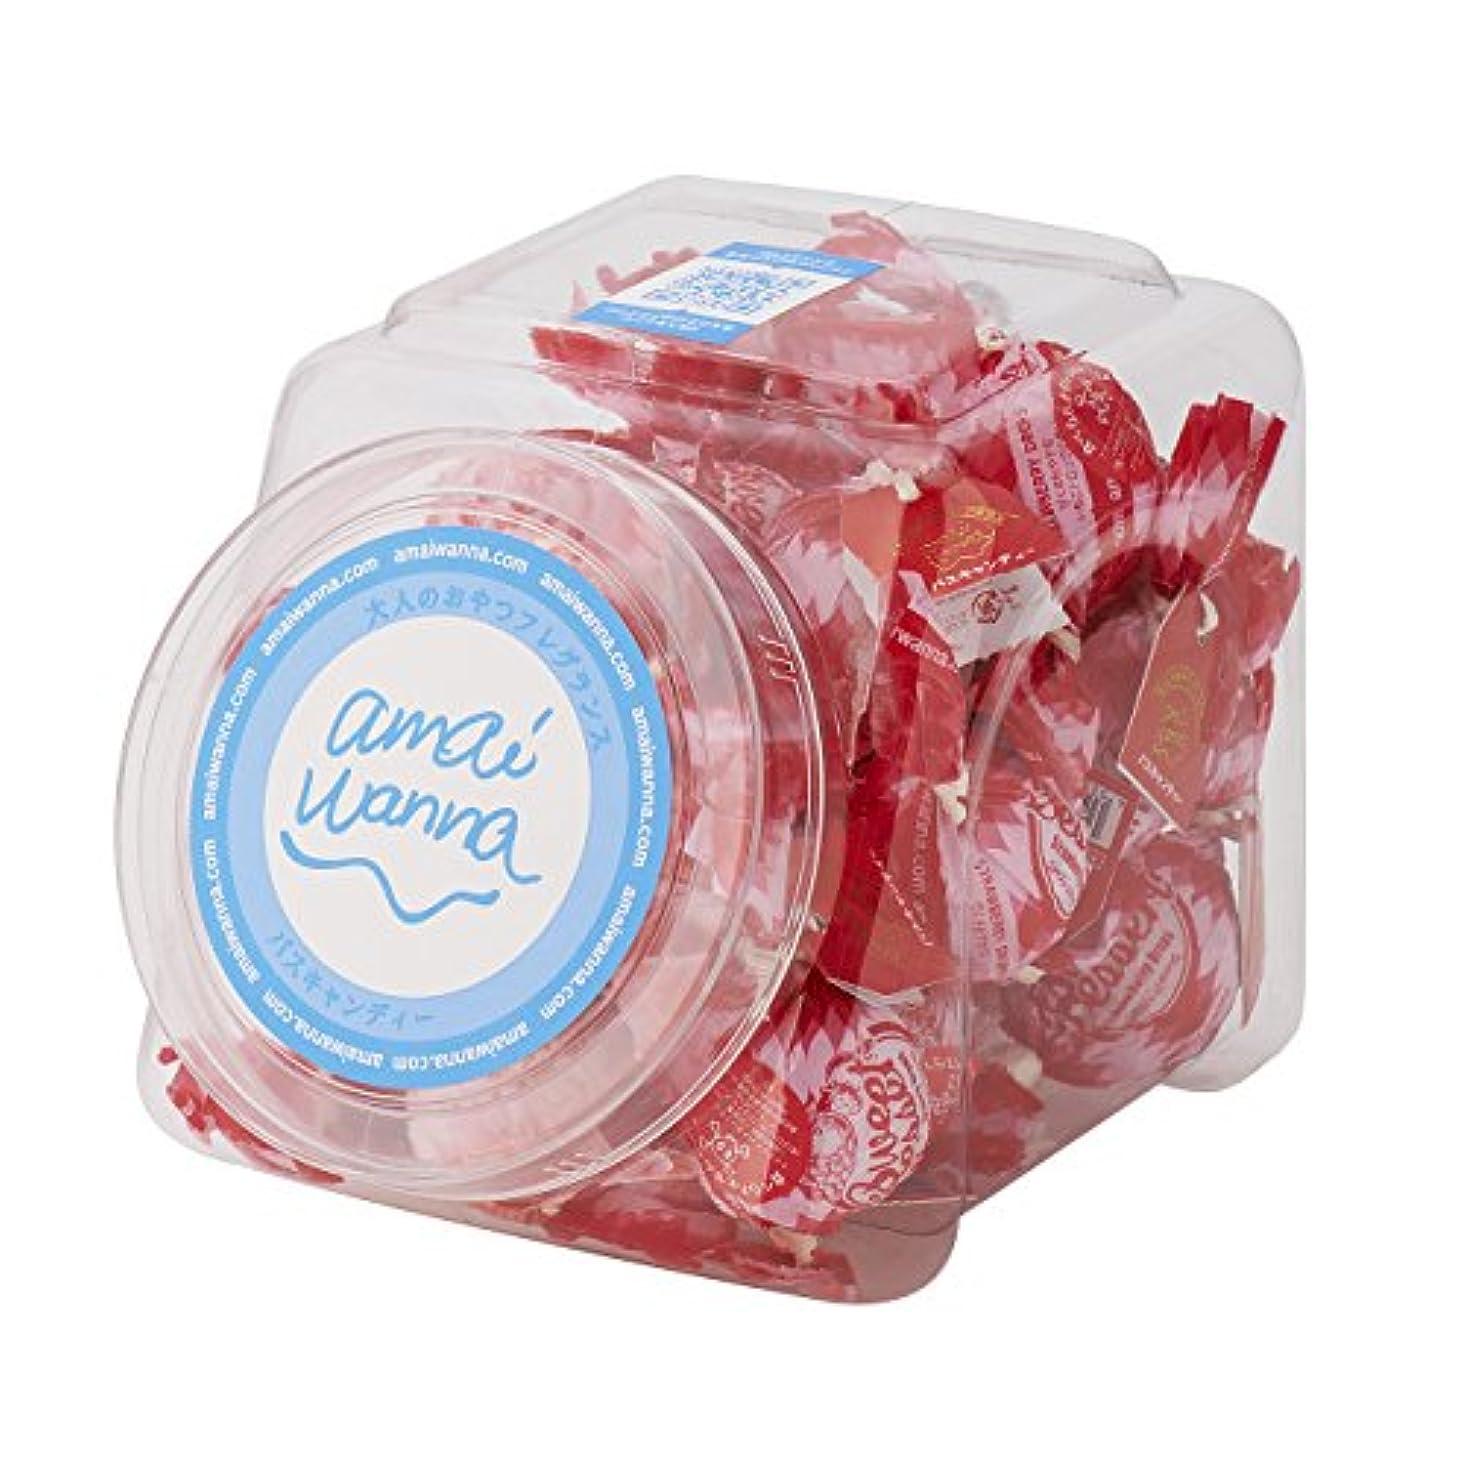 公爵開梱気を散らすアマイワナ バスキャンディーポットセット いちごドロップ 35g×24コ(発泡タイプ入浴料 甘くさわやかないちごドロップの香り)